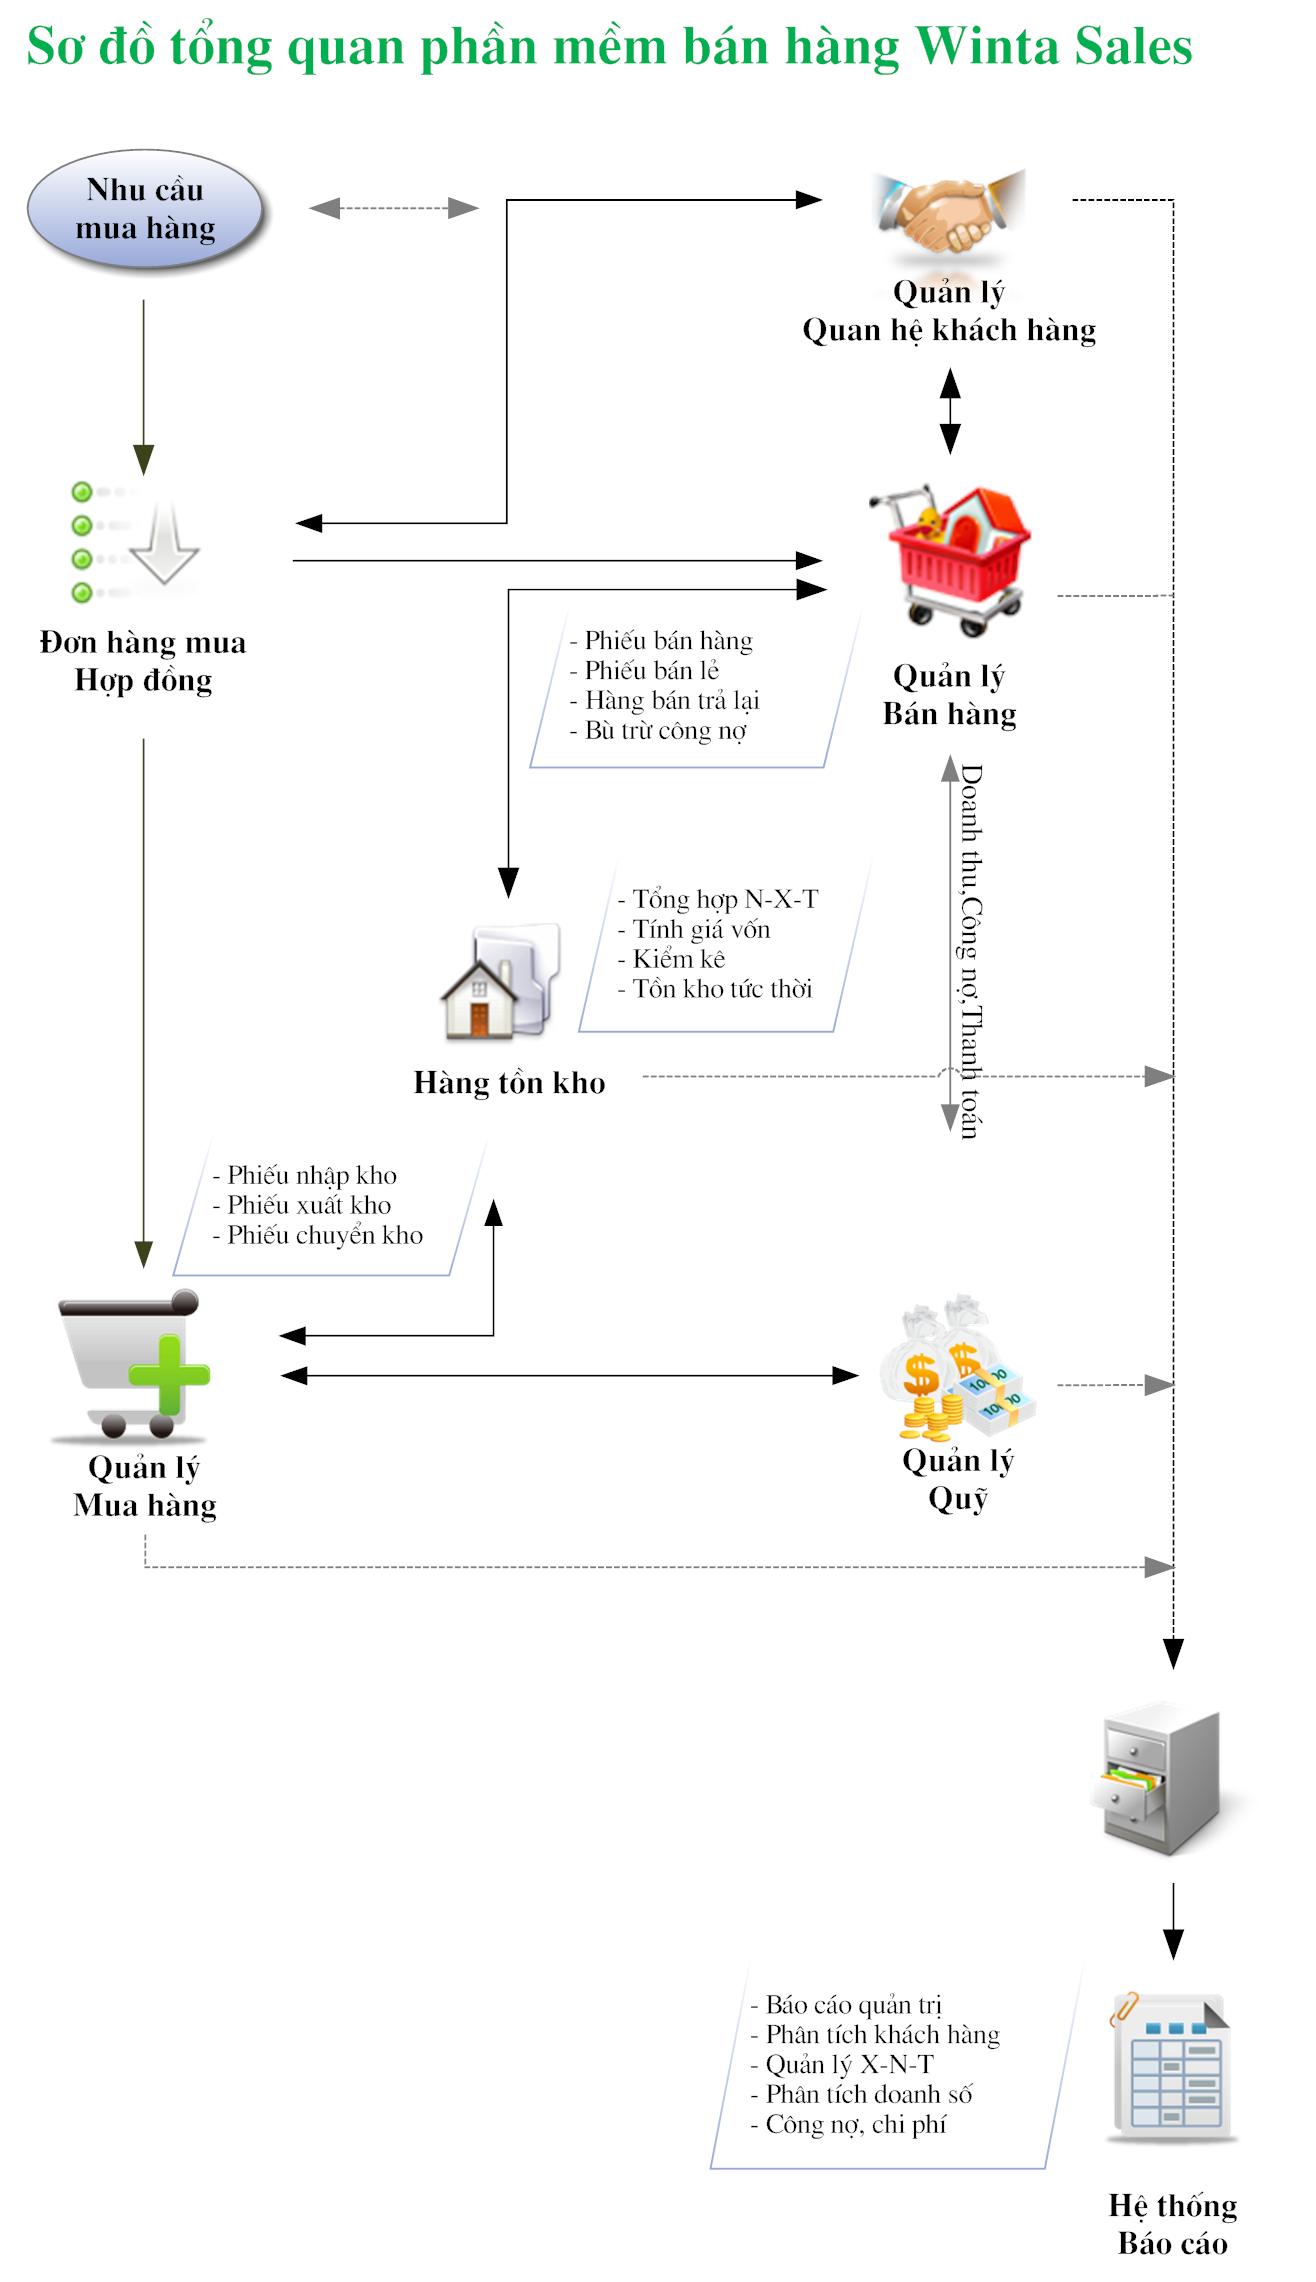 Quy trình phần mềm bán hàng Winta Sales